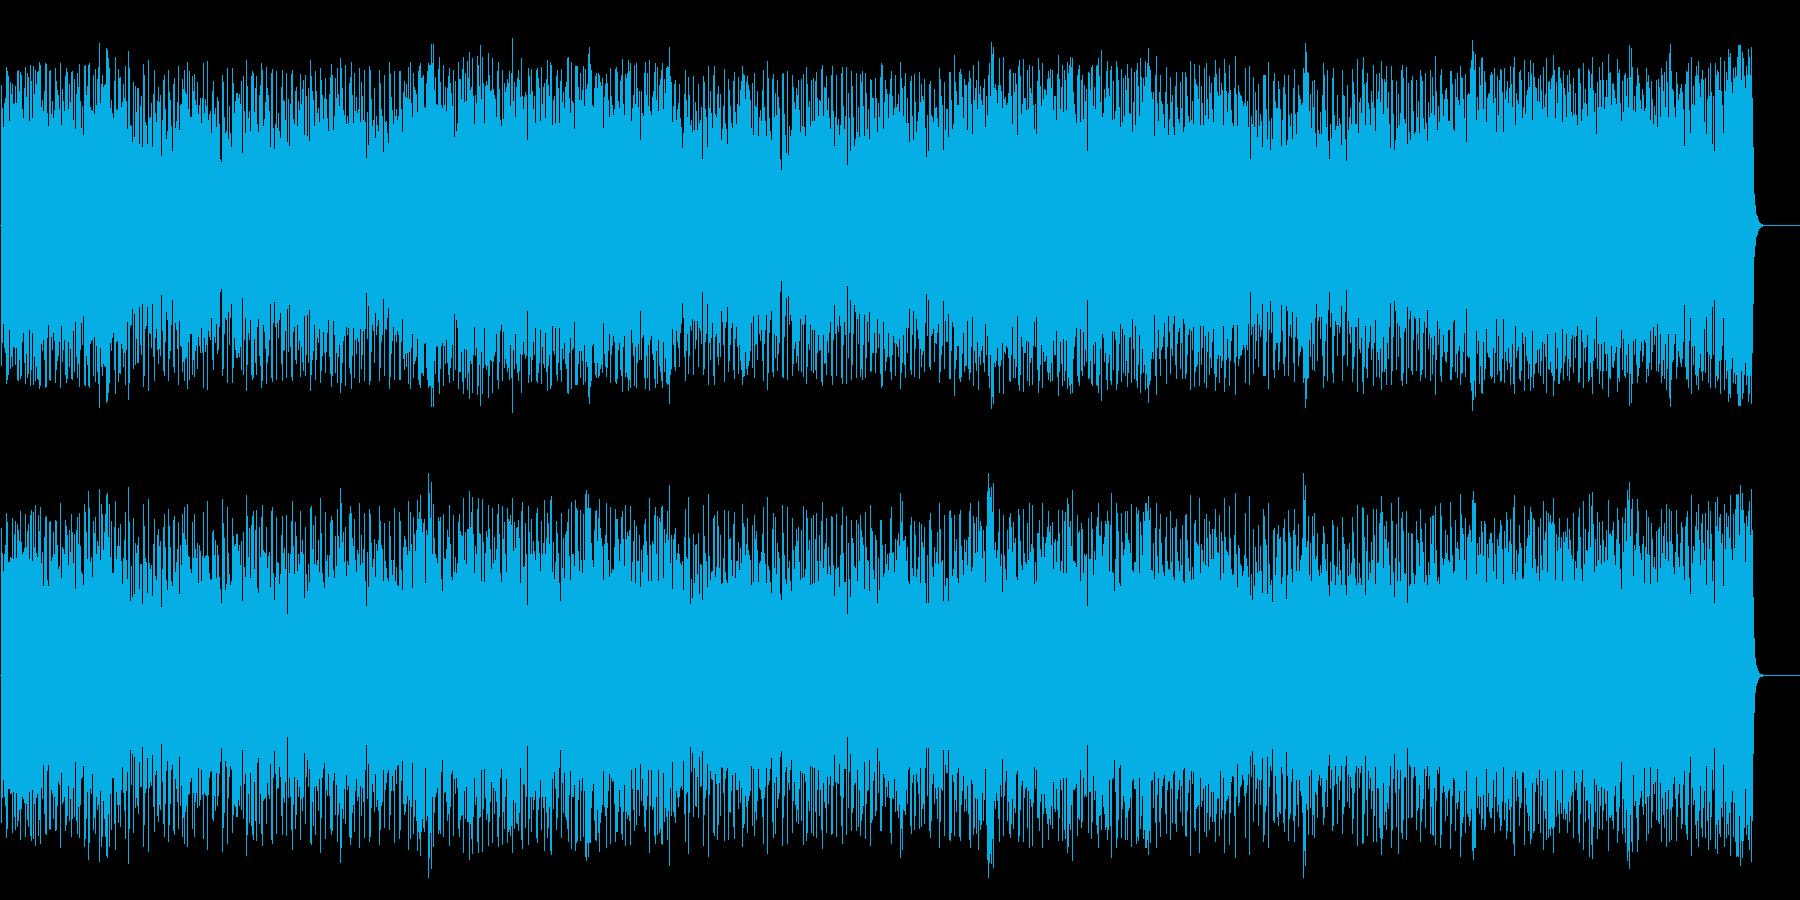 元気ハツラツOPポップス(フルサイズ)の再生済みの波形